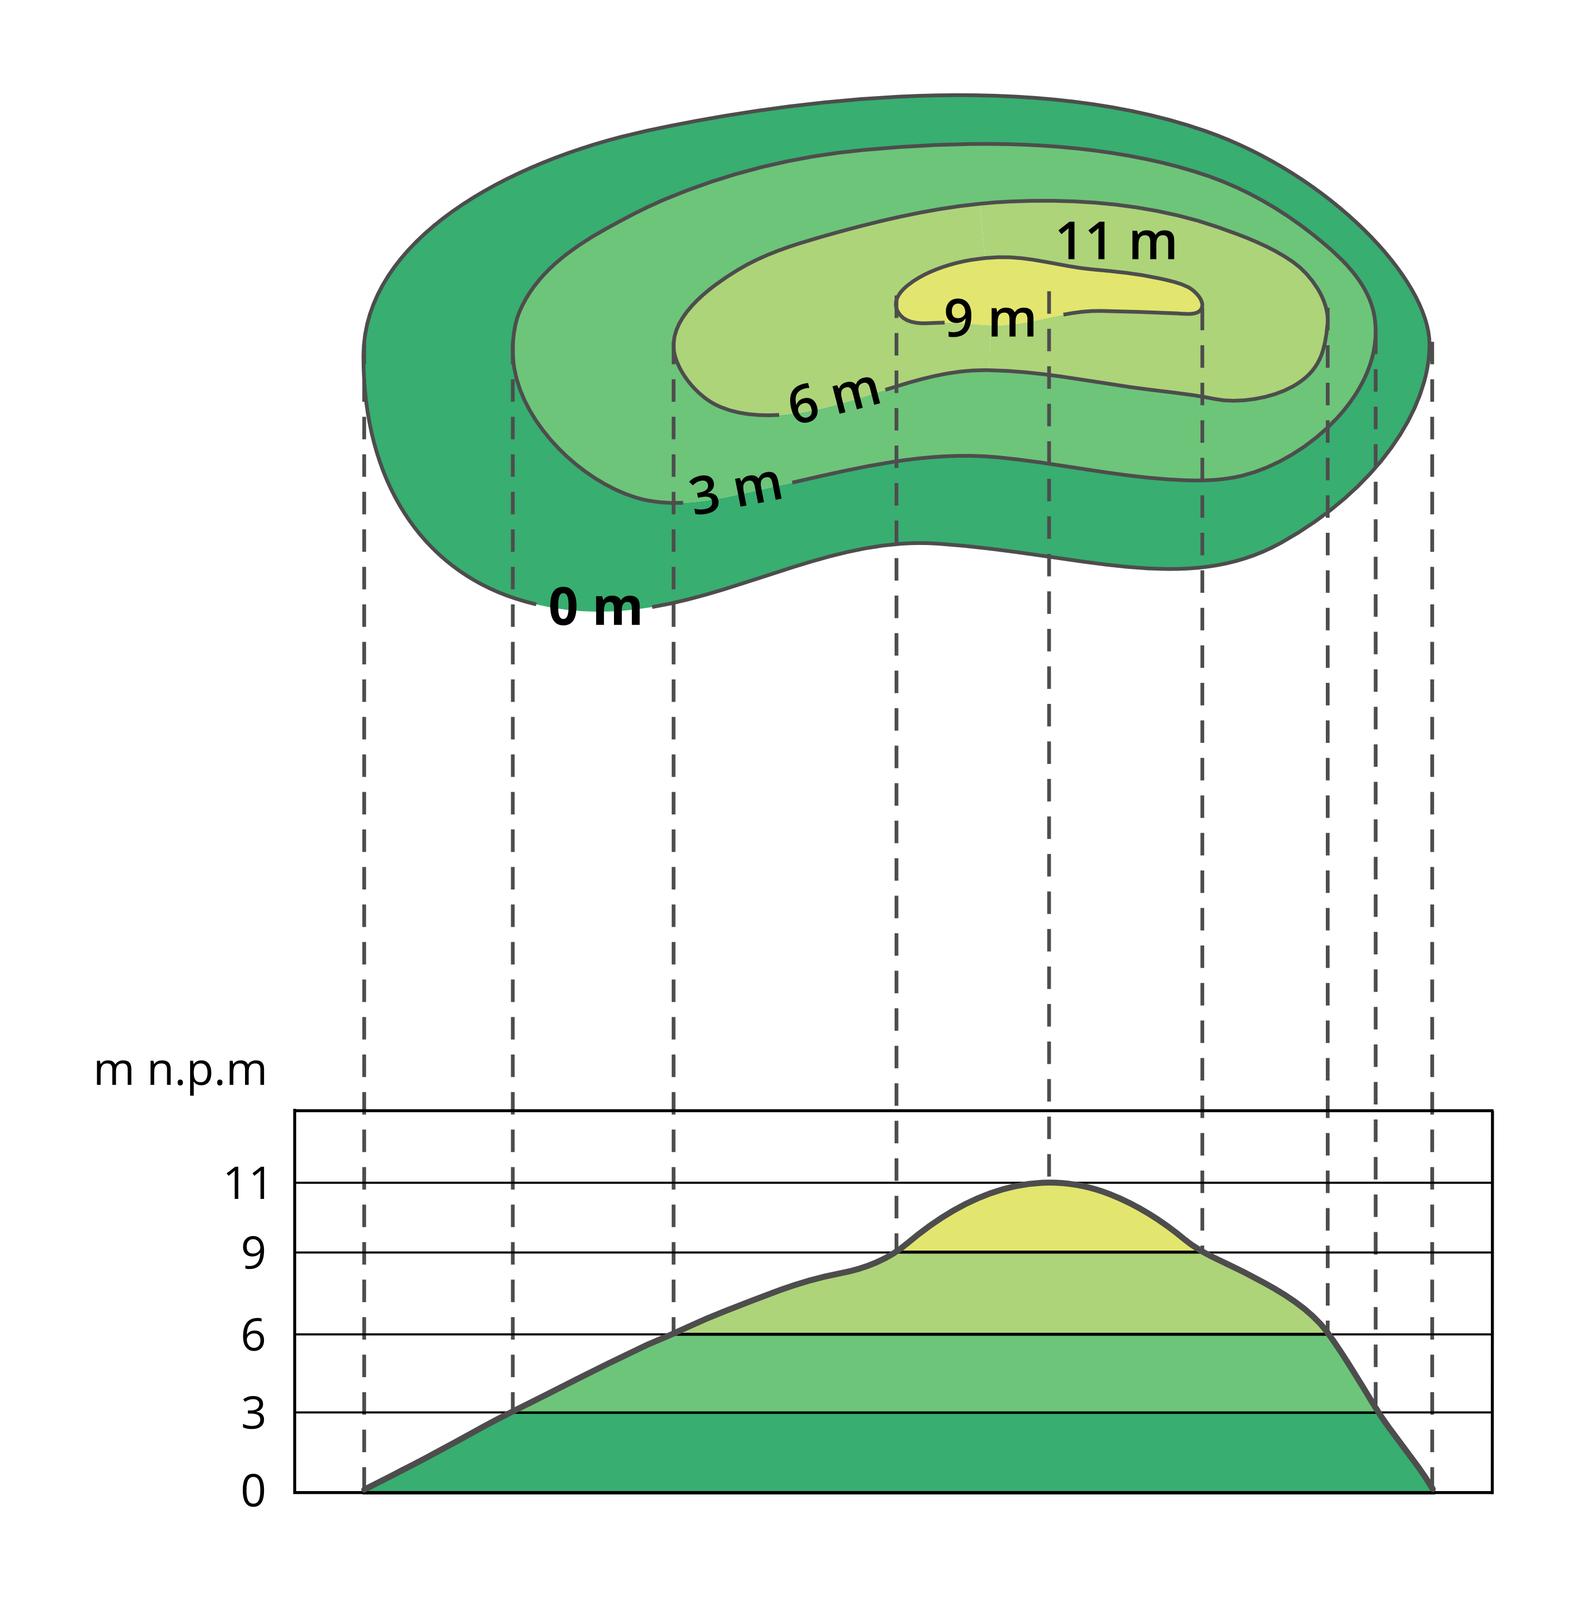 Ilustracja pokazuje sposób tworzenia profilu hipsometrycznego. Rysunek pagórka pokazany za pomocą kilku opisanych wysokościami poziomic iznajdujących się pomiędzy nimi barw hipsometrycznych jest zrzutowany poniżej. Na każdej zlinii pionowych biegnących od skrajnych boków poziomic została zaznaczona jej wysokość pionowa. Połączenie tych wysokości tworzy profil hipsometryczny, czyli wygląd pagórka wprzekroju.